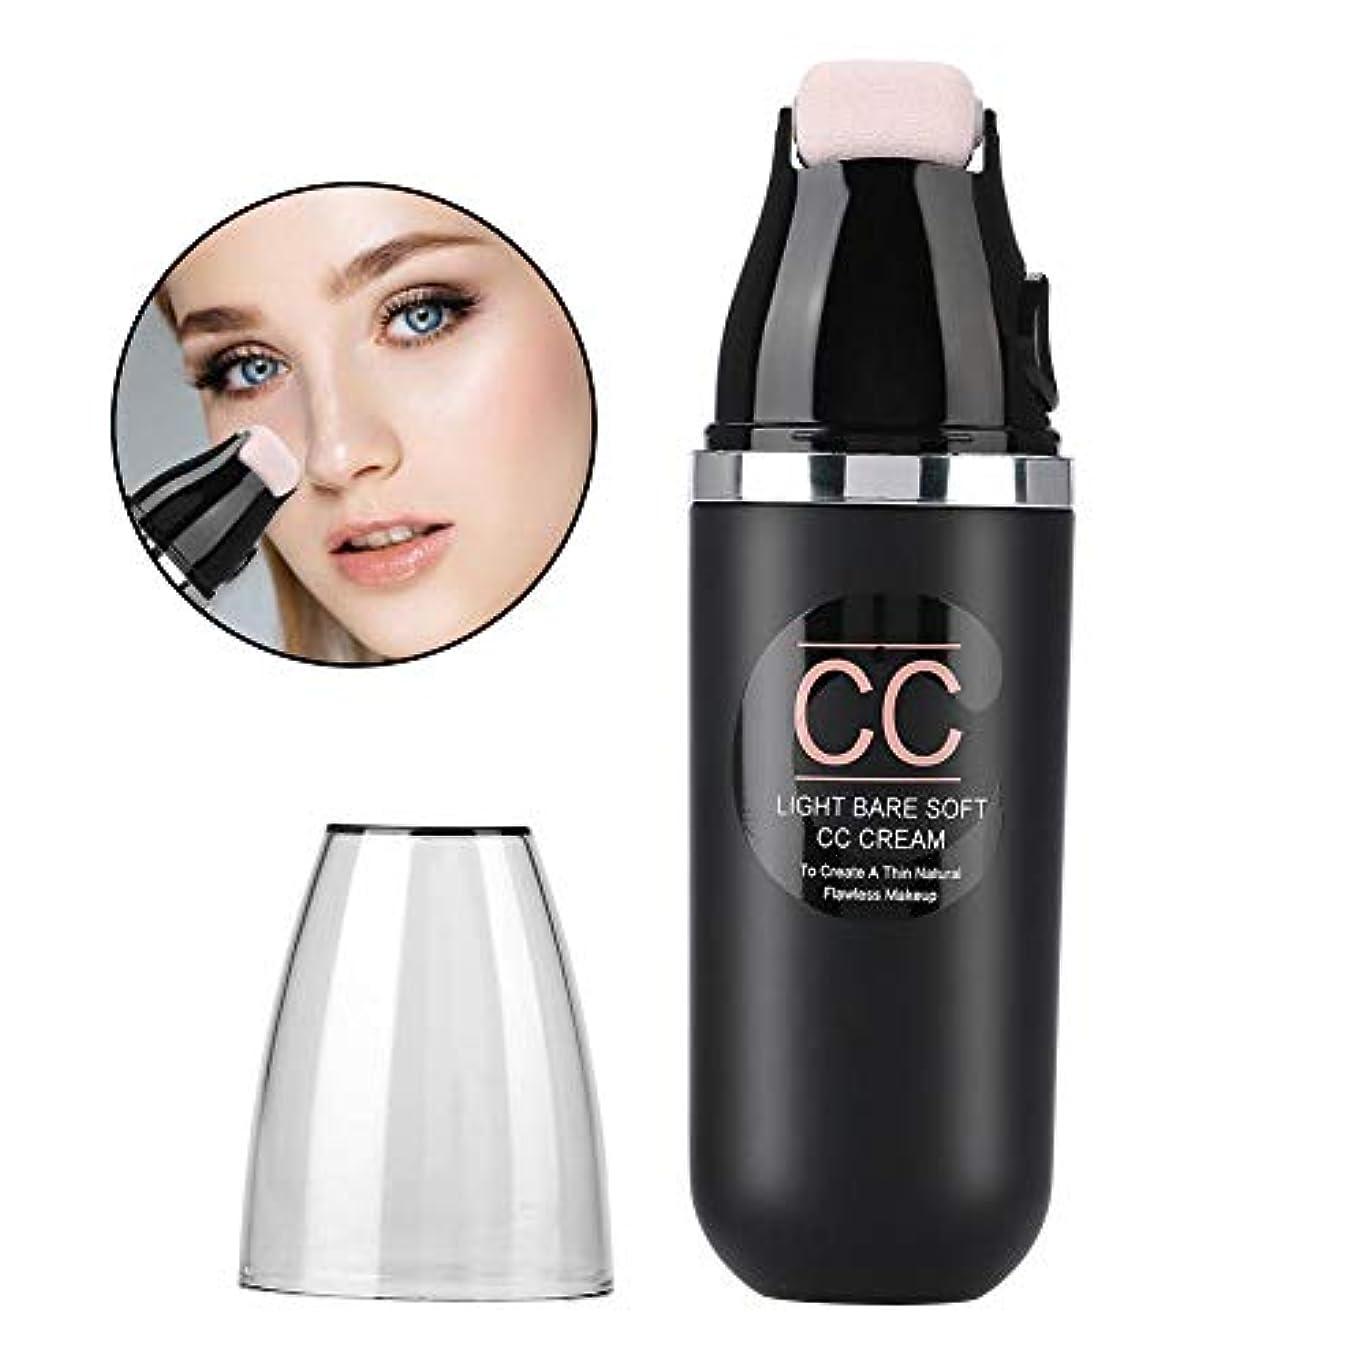 に多年生証明するSemme クリームコンシーラー、50グラムローラーホイールエアクッションクリームメイクアップモイスチャライジング長期持続明るくコンシーラー美容化粧品